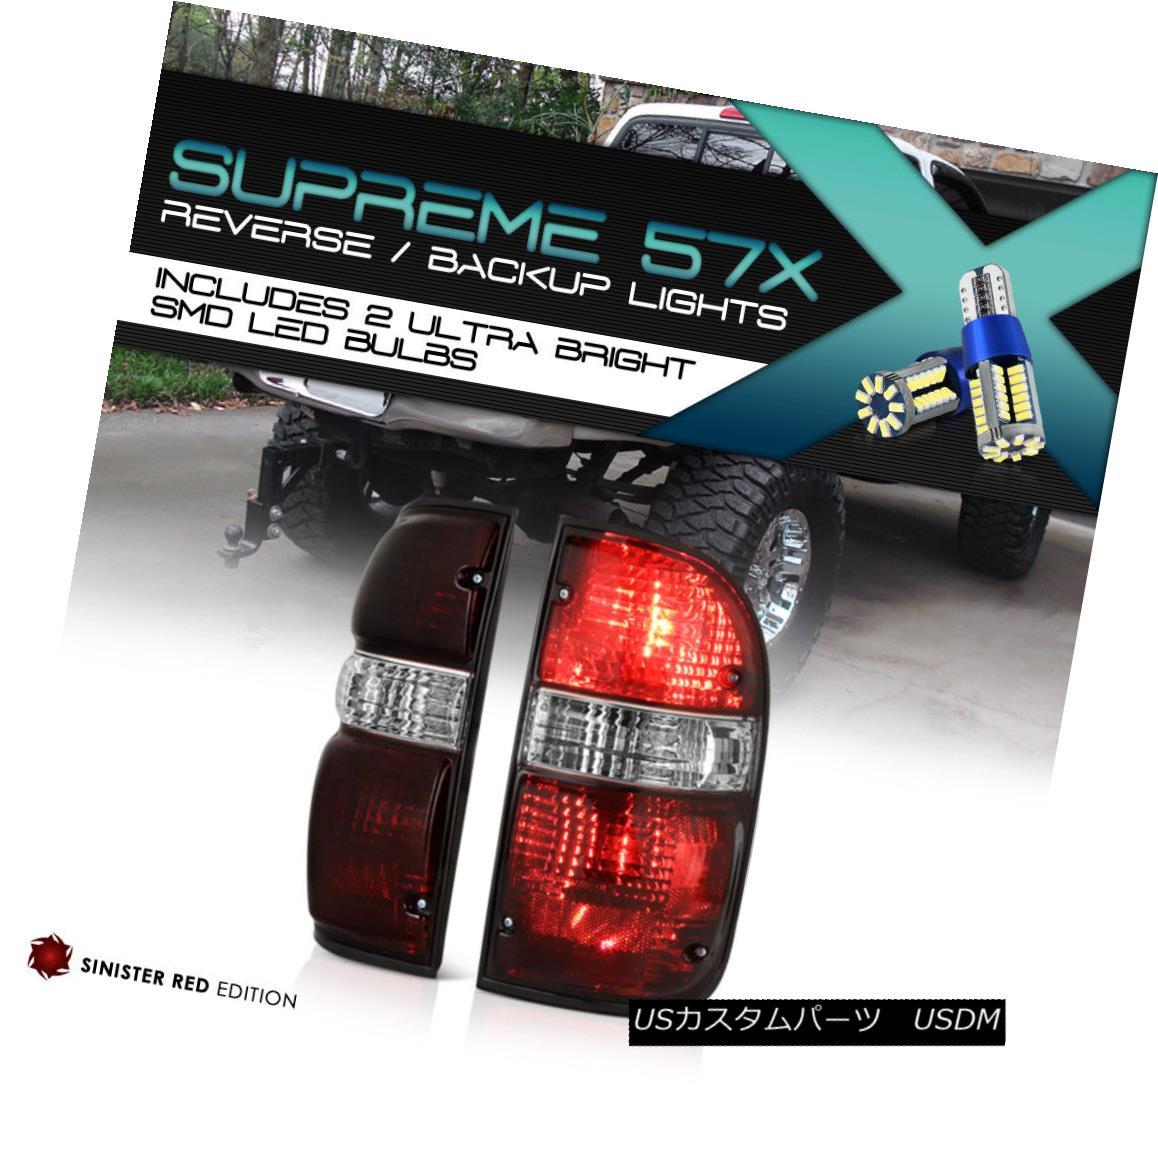 テールライト {360 Degree SMD Backup} Toyota Tacoma 2001-2004 4X4 Tinted Tail Light Left Right {360度SMDバックアップ}トヨタタコマ2001-2004 4X4テールライトテールライト右